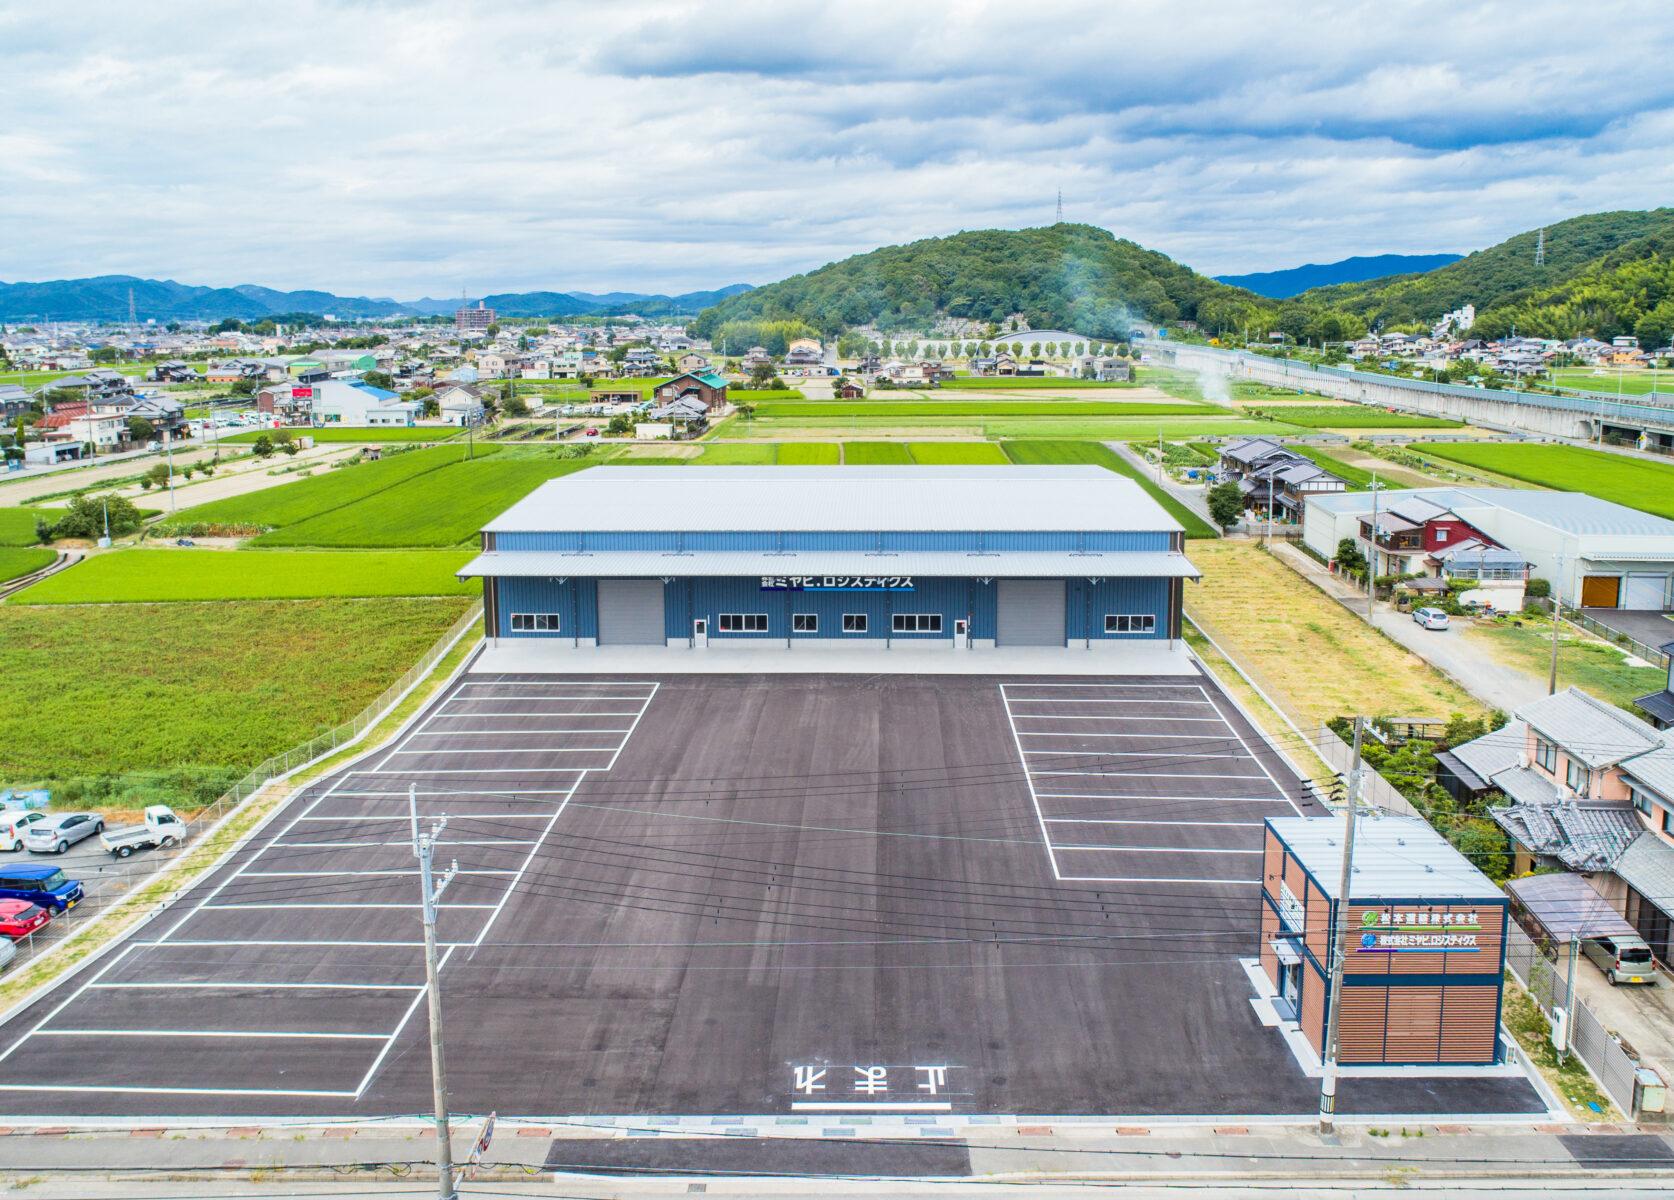 松本運輸株式会社様 (揖保郡太子町)